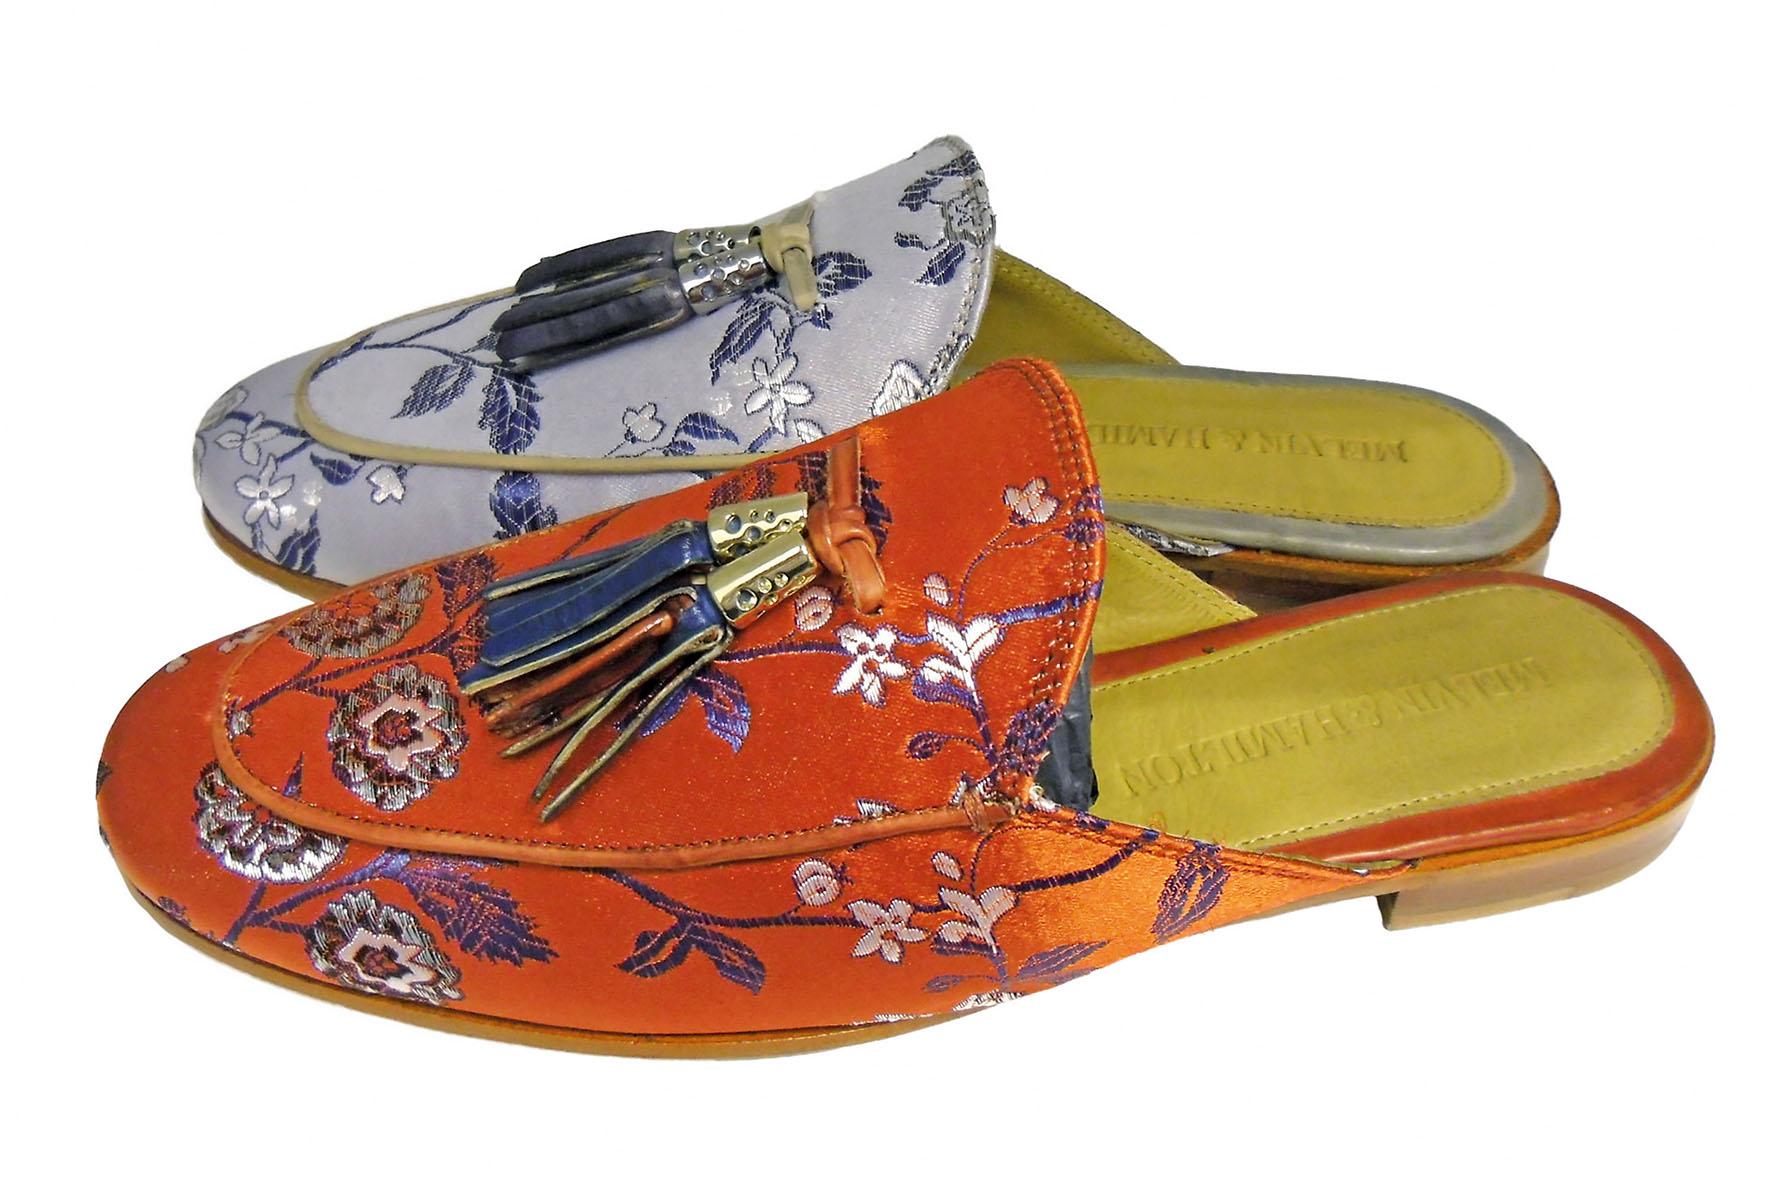 Die fersenoffenen, lässigen Schläppchen passen hervorragend zu Culottes und sommerlichen Plissee-Styles - Heiße Sommertreter für jeden Tag